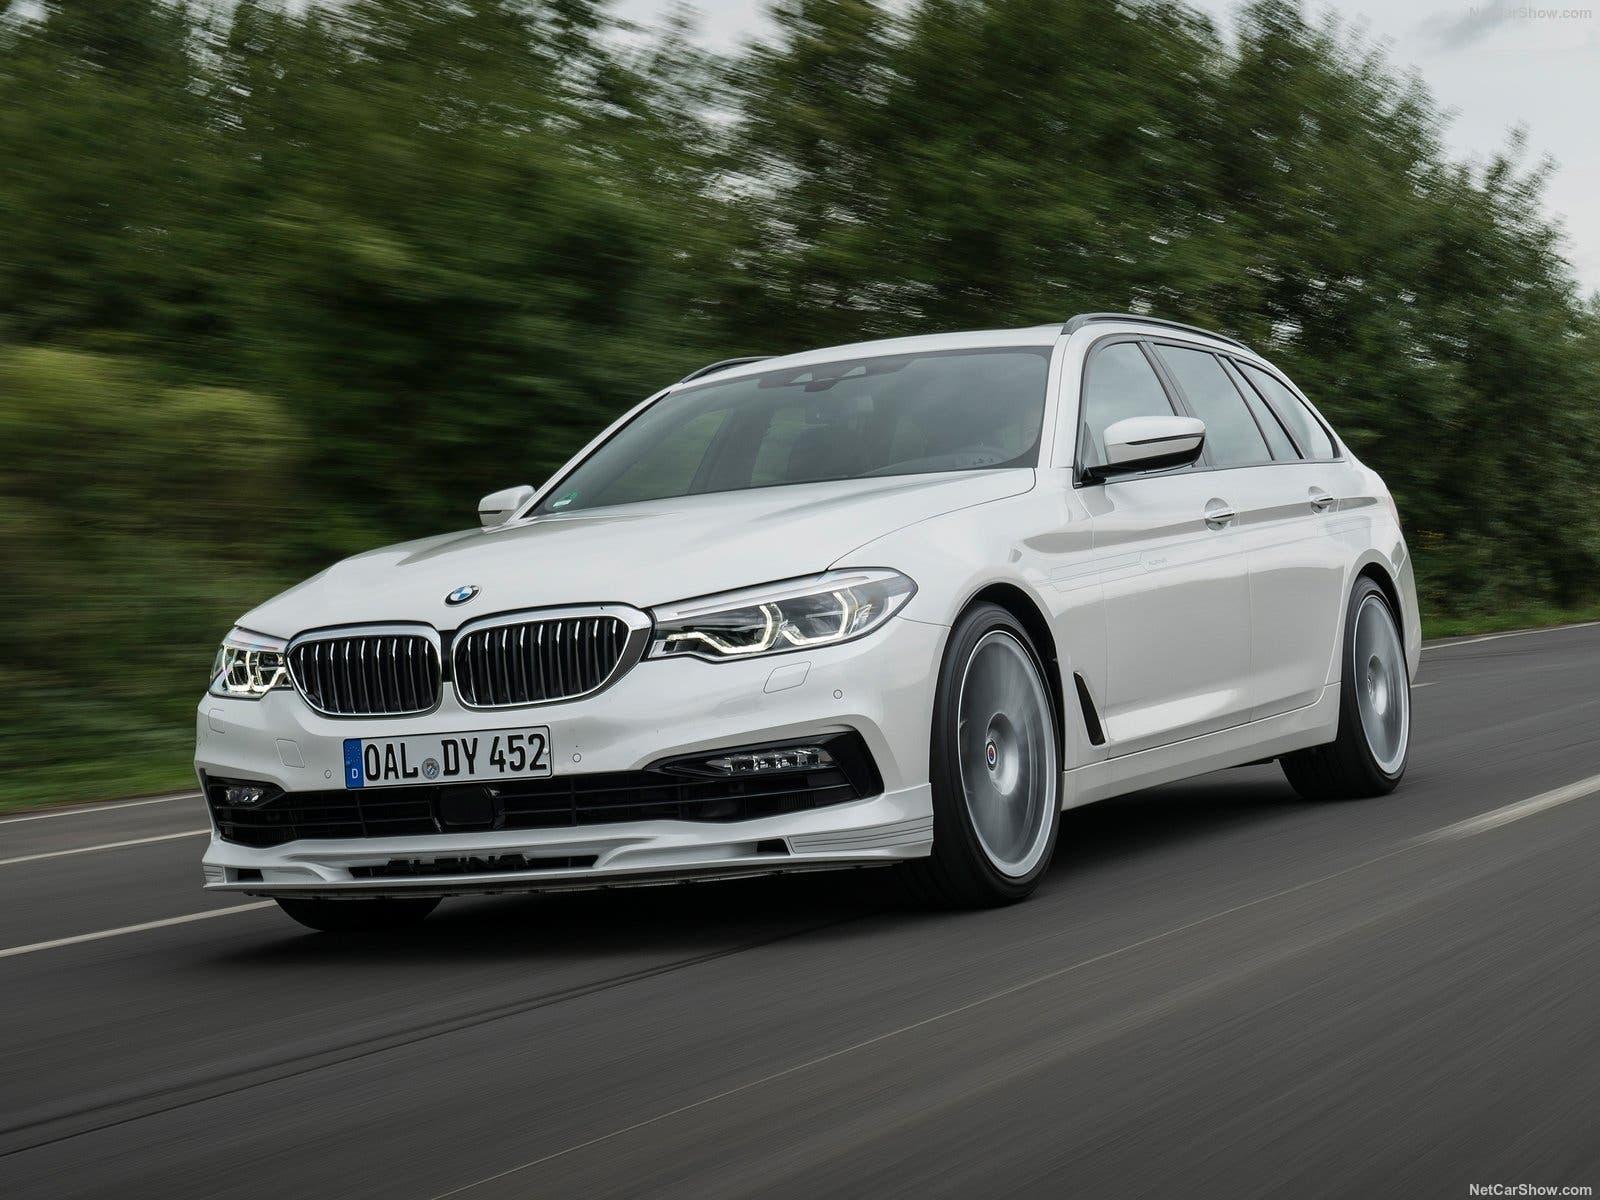 Klassisch: Leicht überarbeitete Frontstossstange und filigrane Speichenräder. Der Unterschied zur Basis von BMW liegt im Detail.